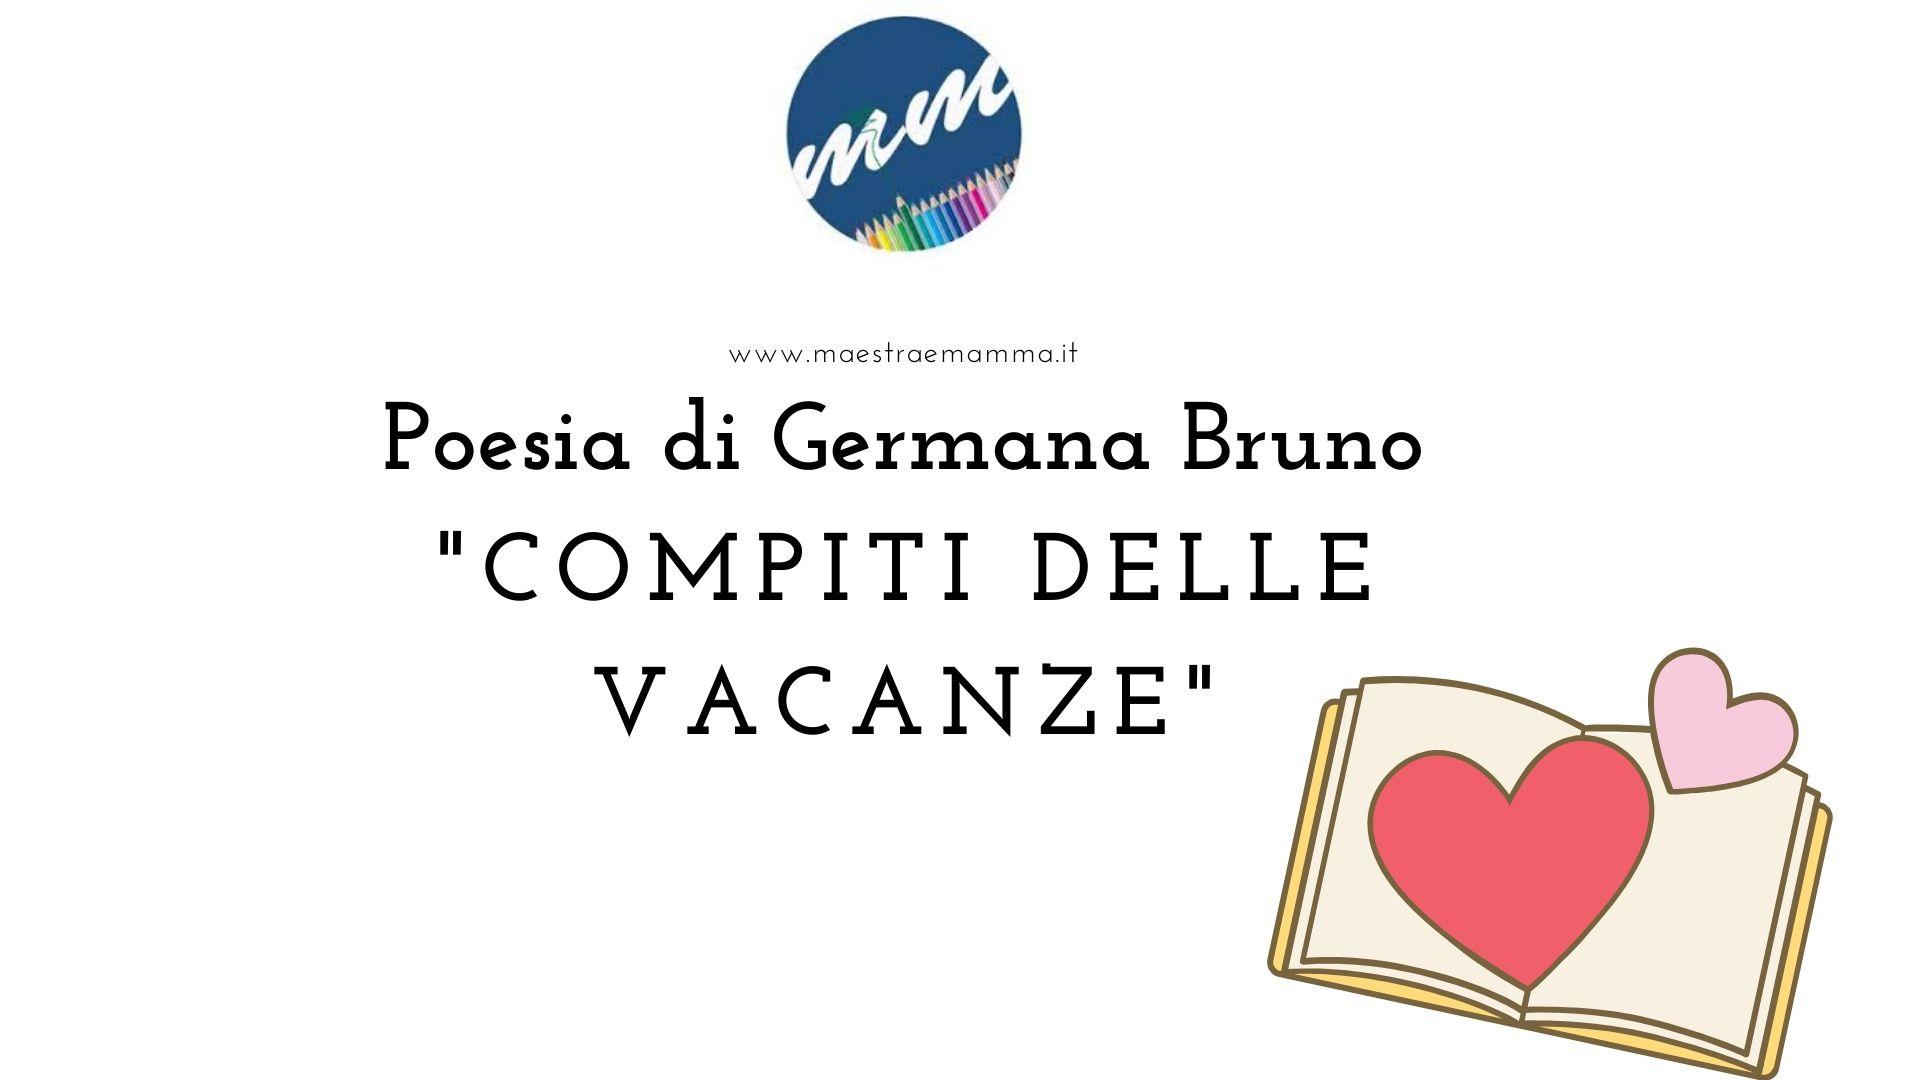 Poesia di Germana Bruno: COMPITI DELLE VACANZE